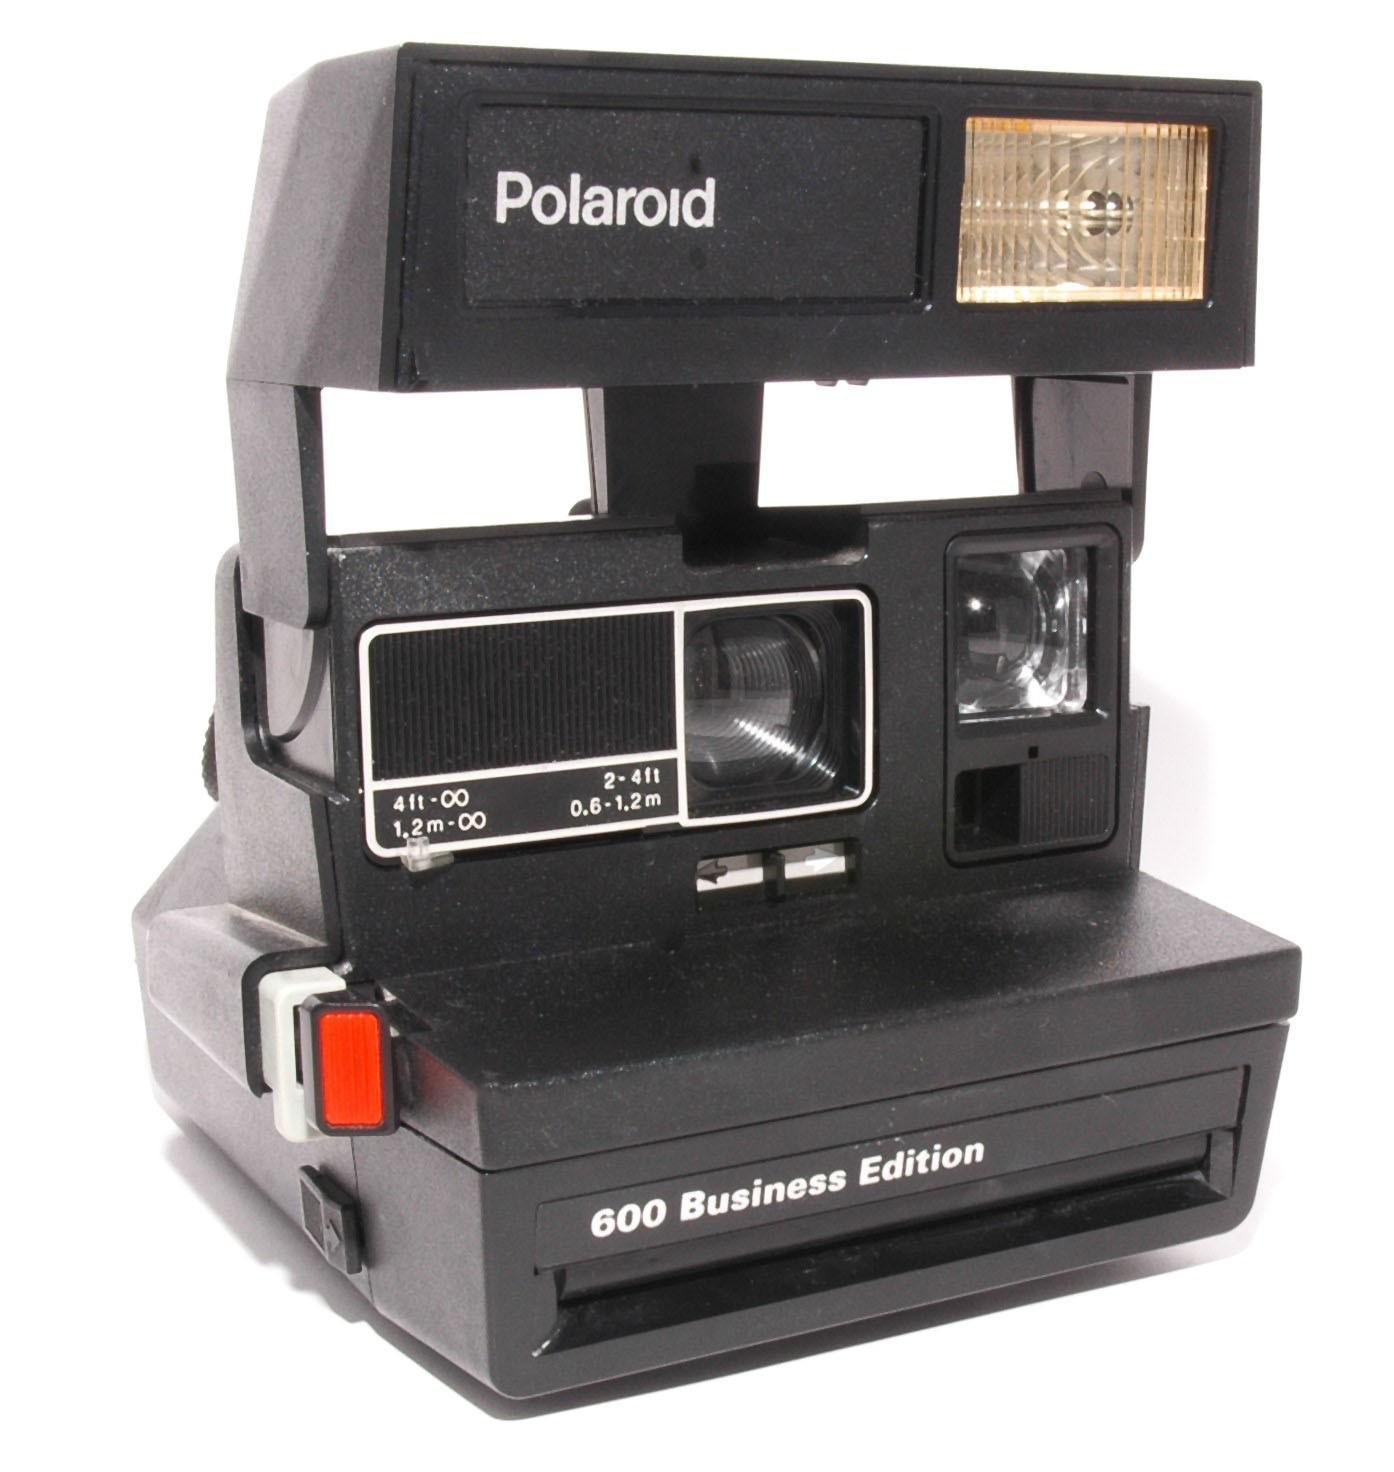 acheter et vendre authentique polaroid vintage pas cher baskets emploi. Black Bedroom Furniture Sets. Home Design Ideas